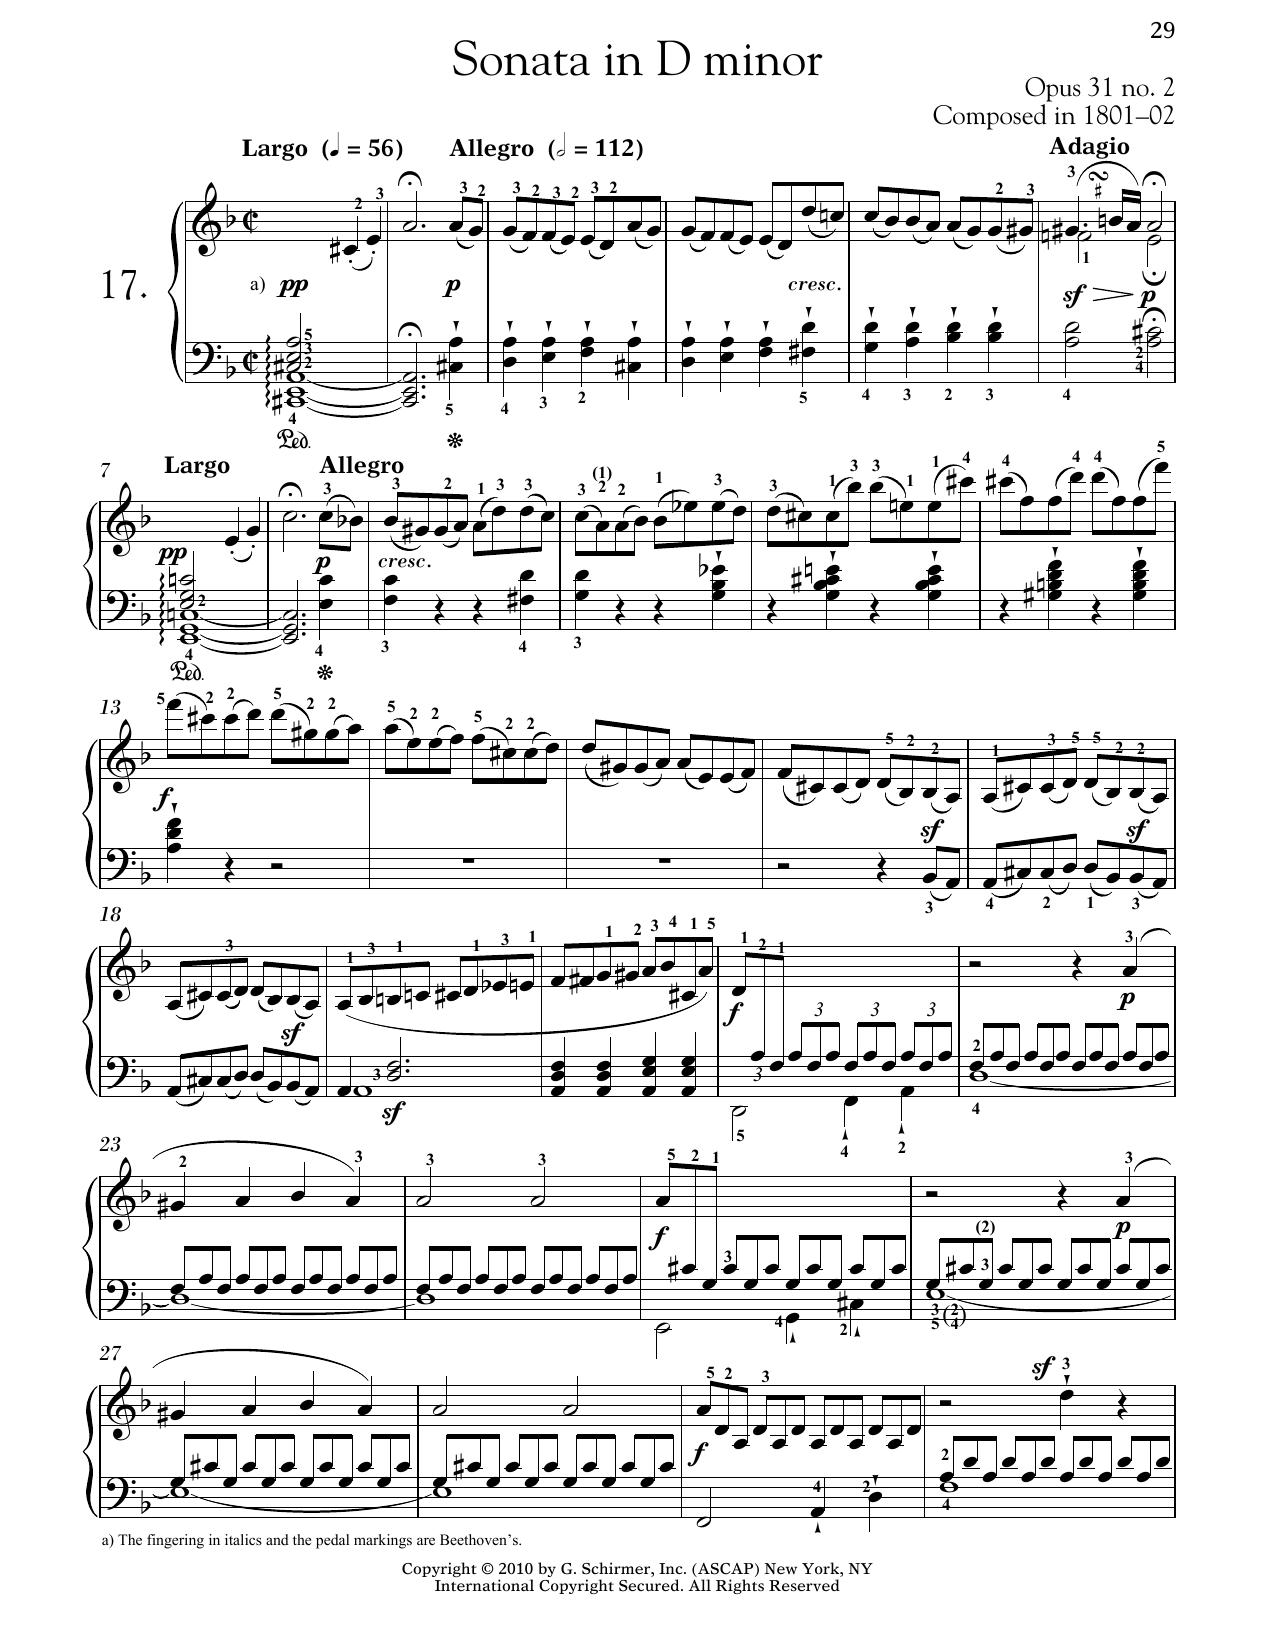 Ludwig van Beethoven Piano Sonata No. 17 In D Minor, Op. 31, No. 2